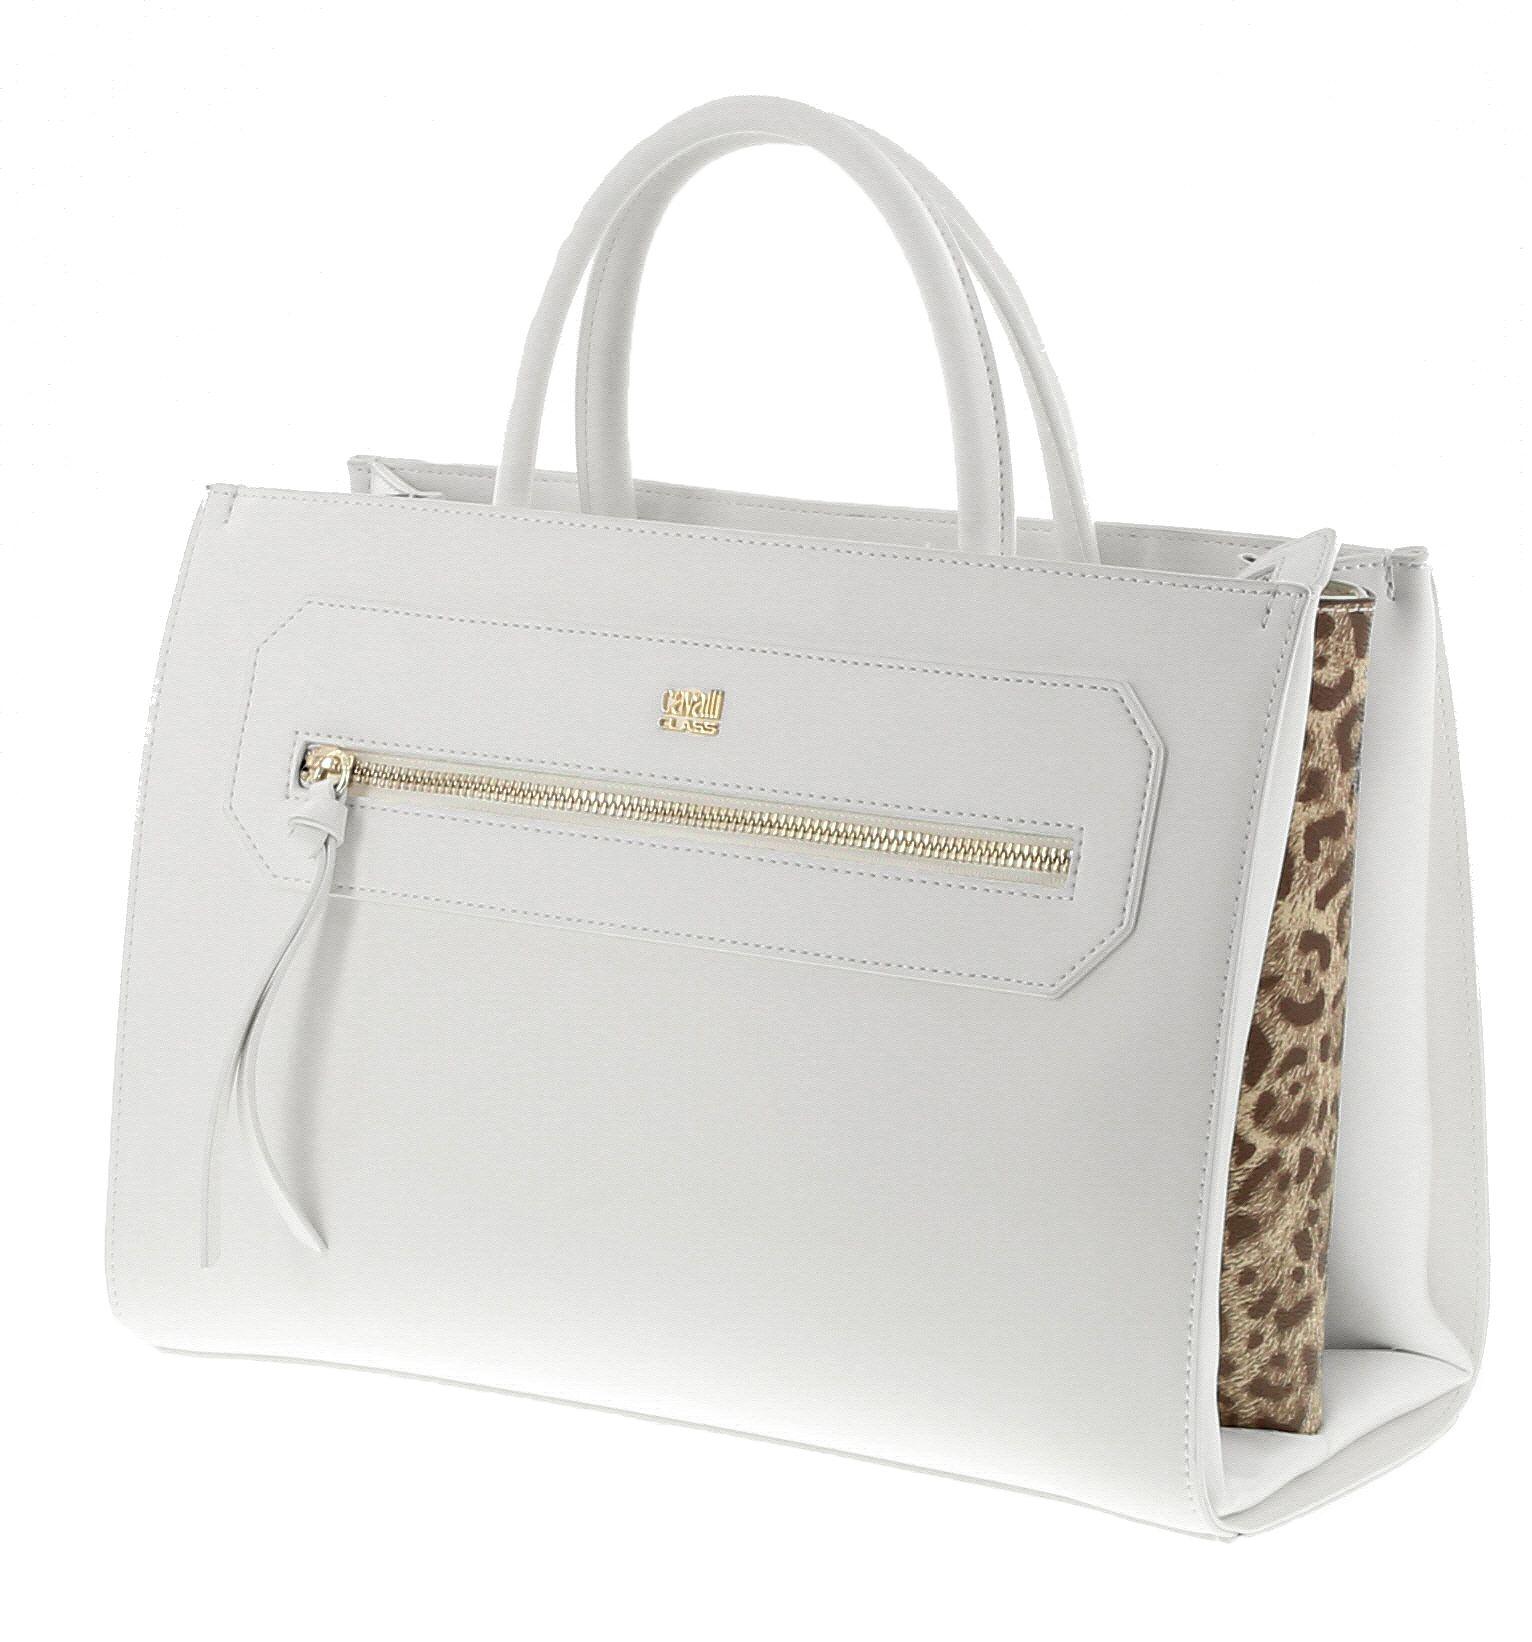 93abad8262311 Schicke hochwertige Taschen online entdecken und kaufen